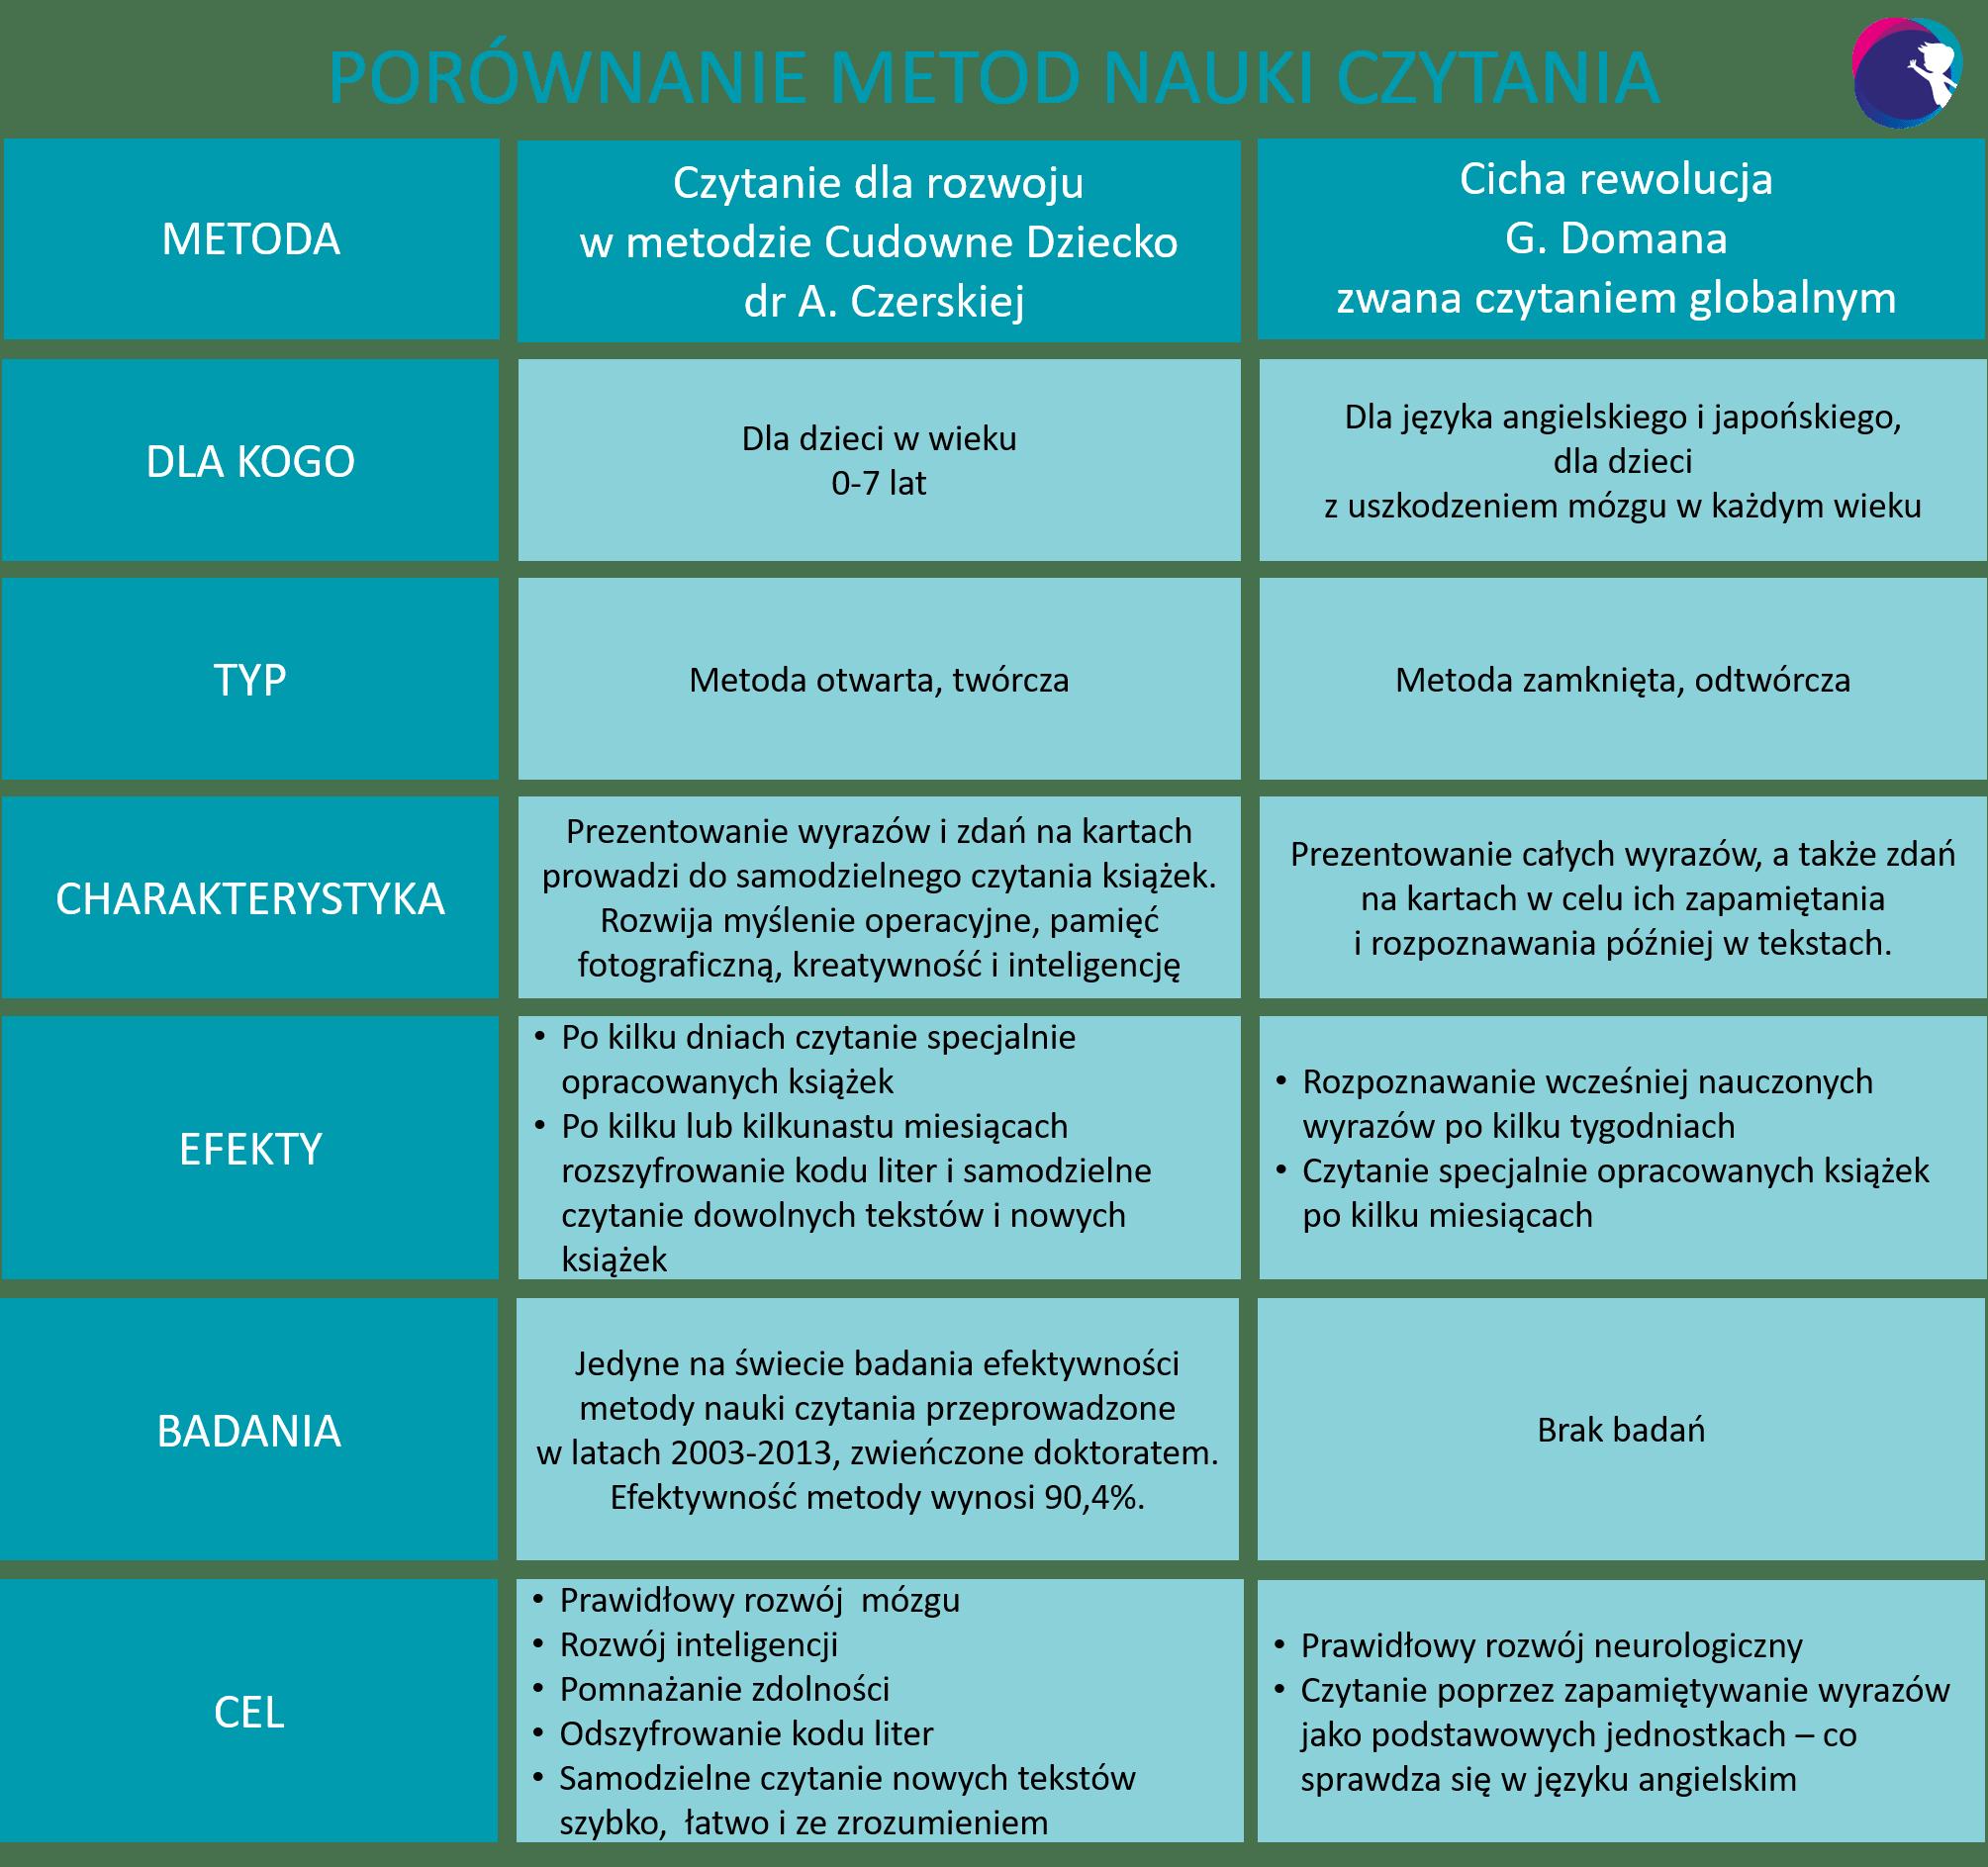 Metoda Domana Porównanie Tabela DrCzerska Cudowne Dziecko dla kogo typ charakterystyka efekty cel